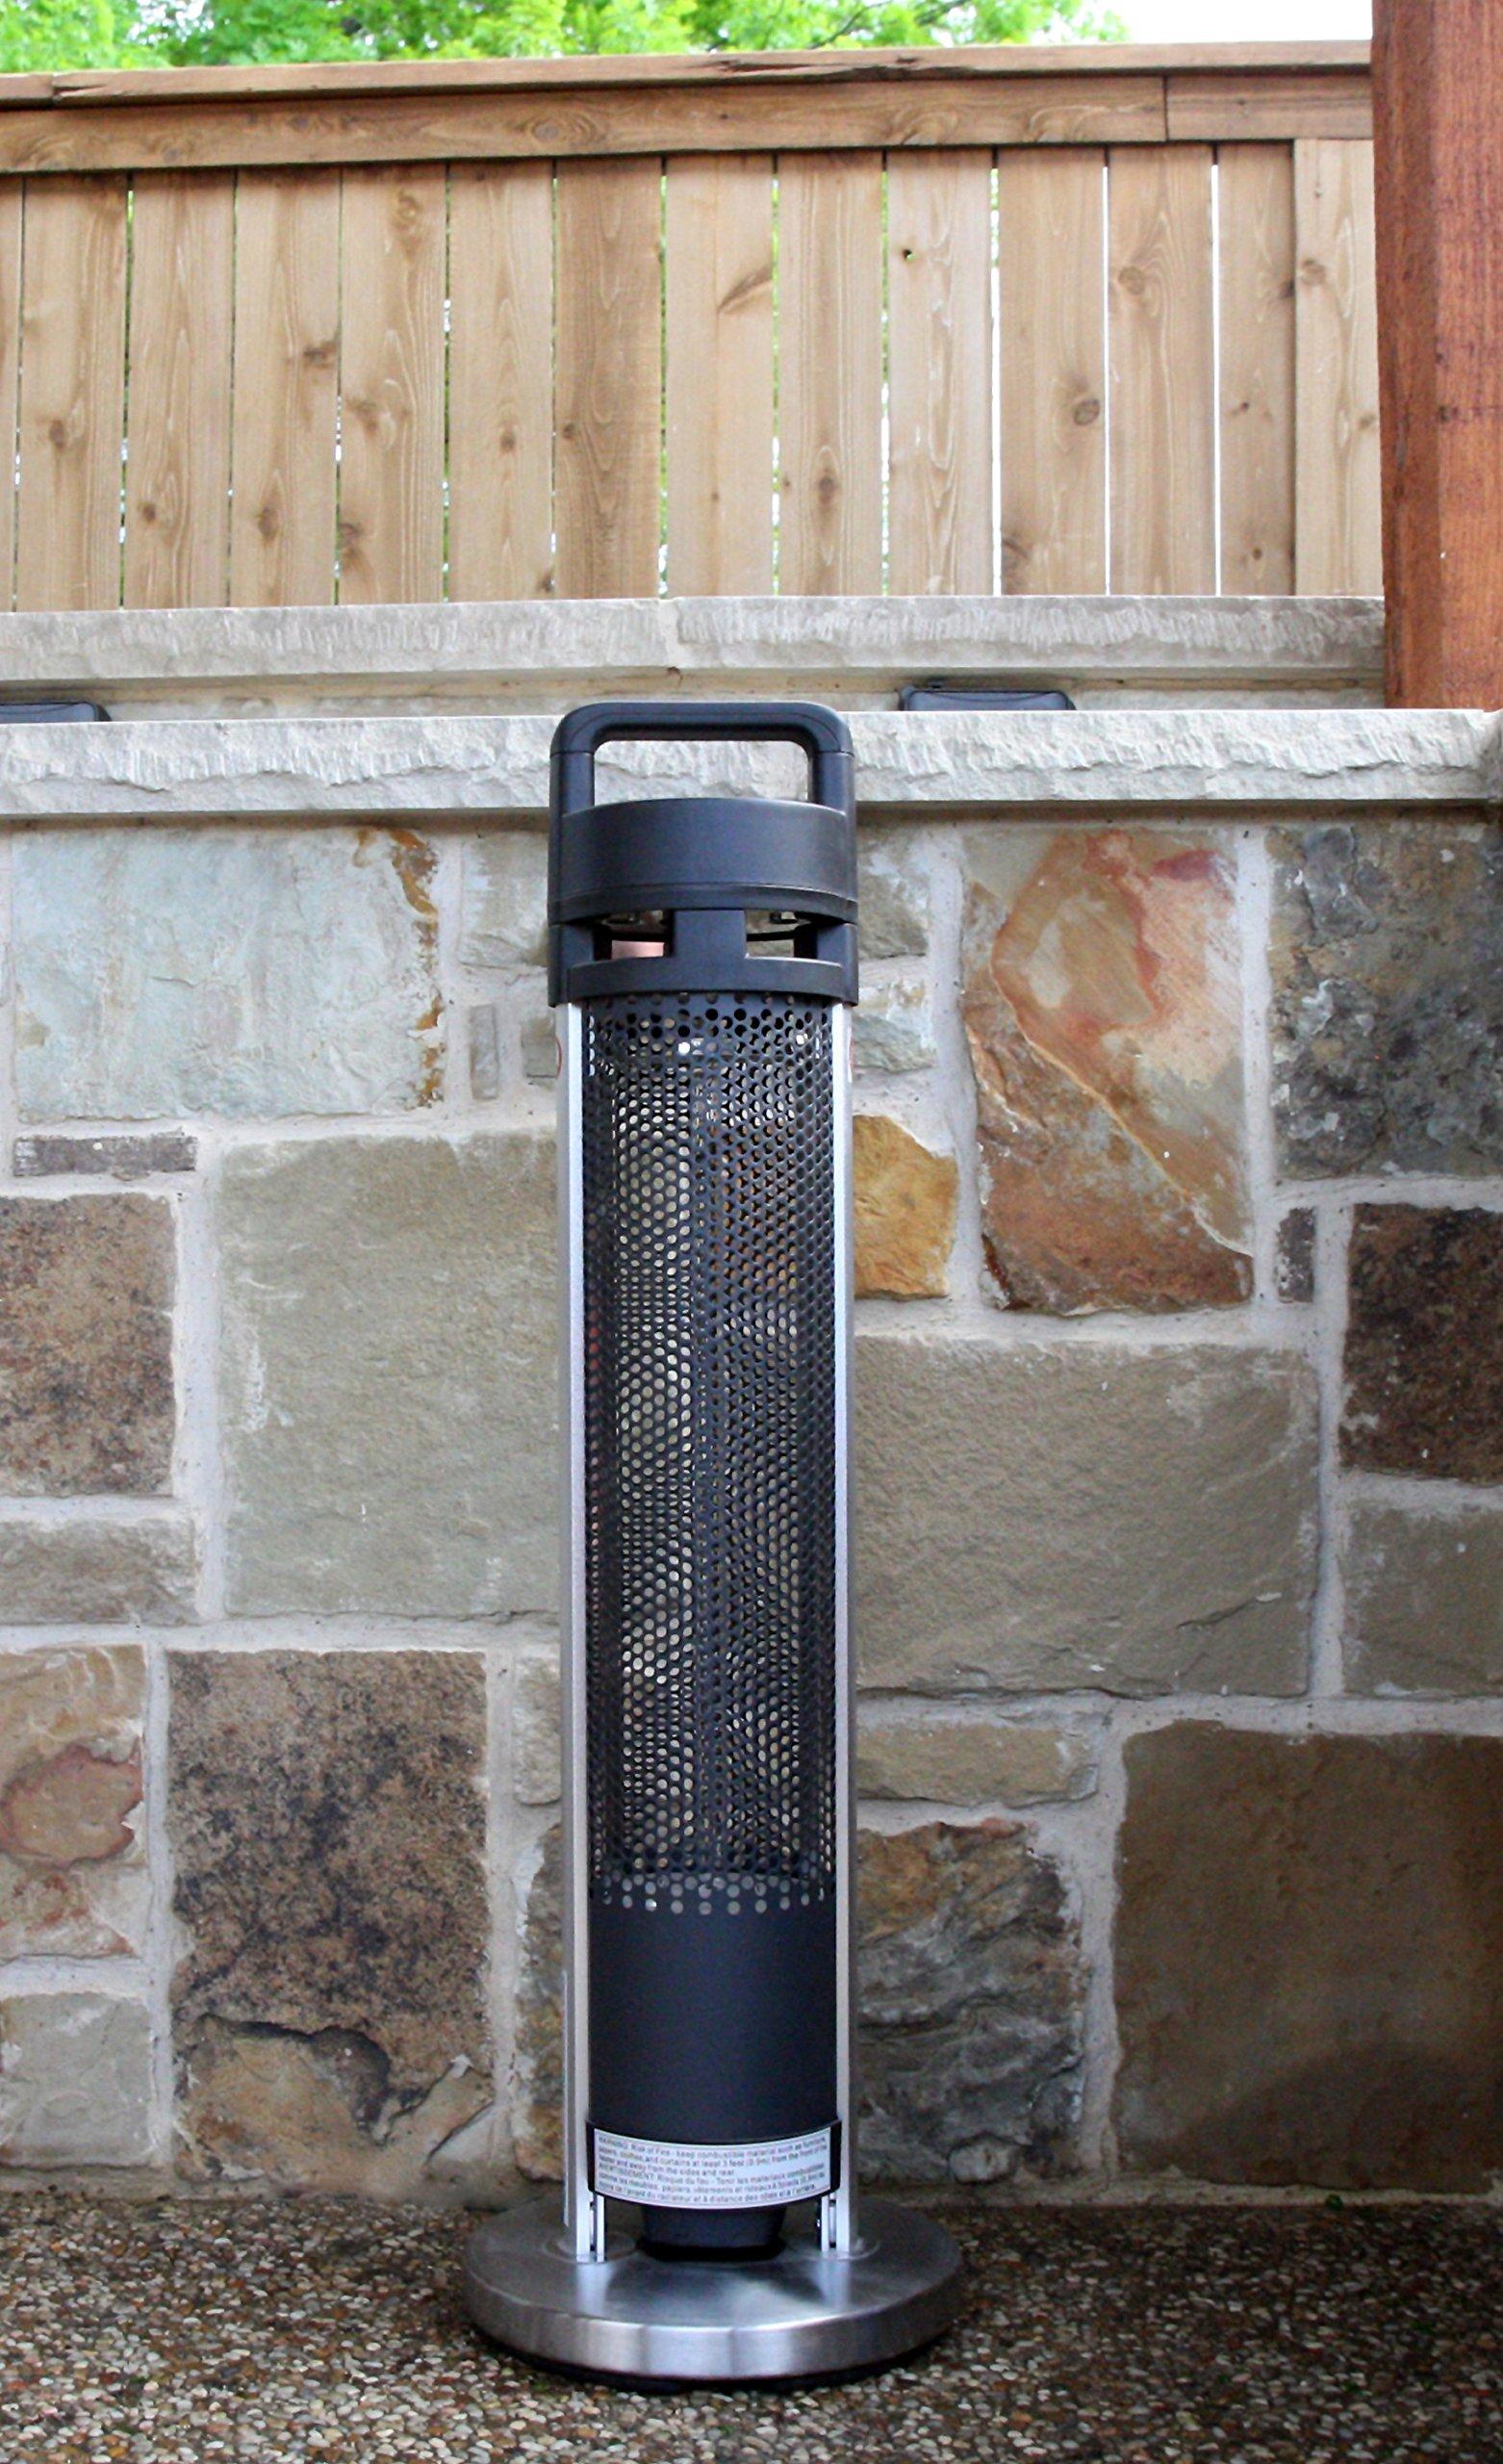 Hetr H1014ups Indoor Outdoor Rated Radiant Tower Heater